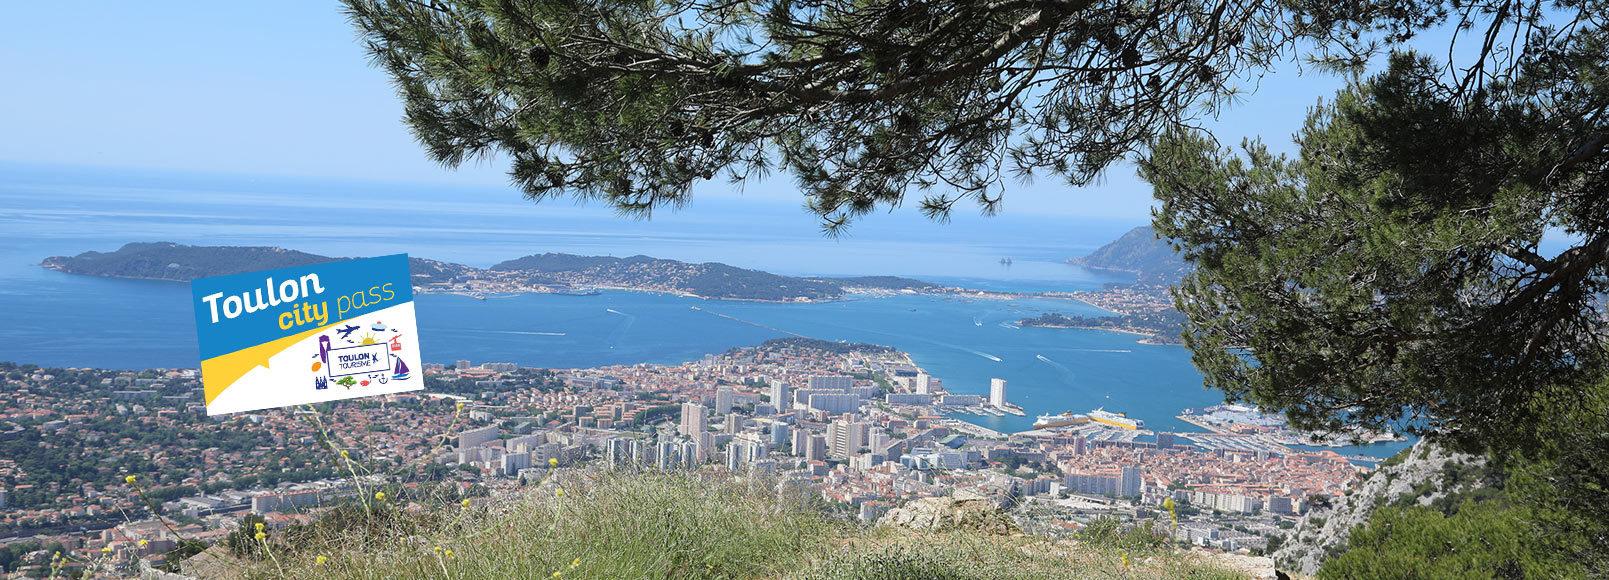 Cauta? i omul Toulon matrimoniale cu femei din soroca